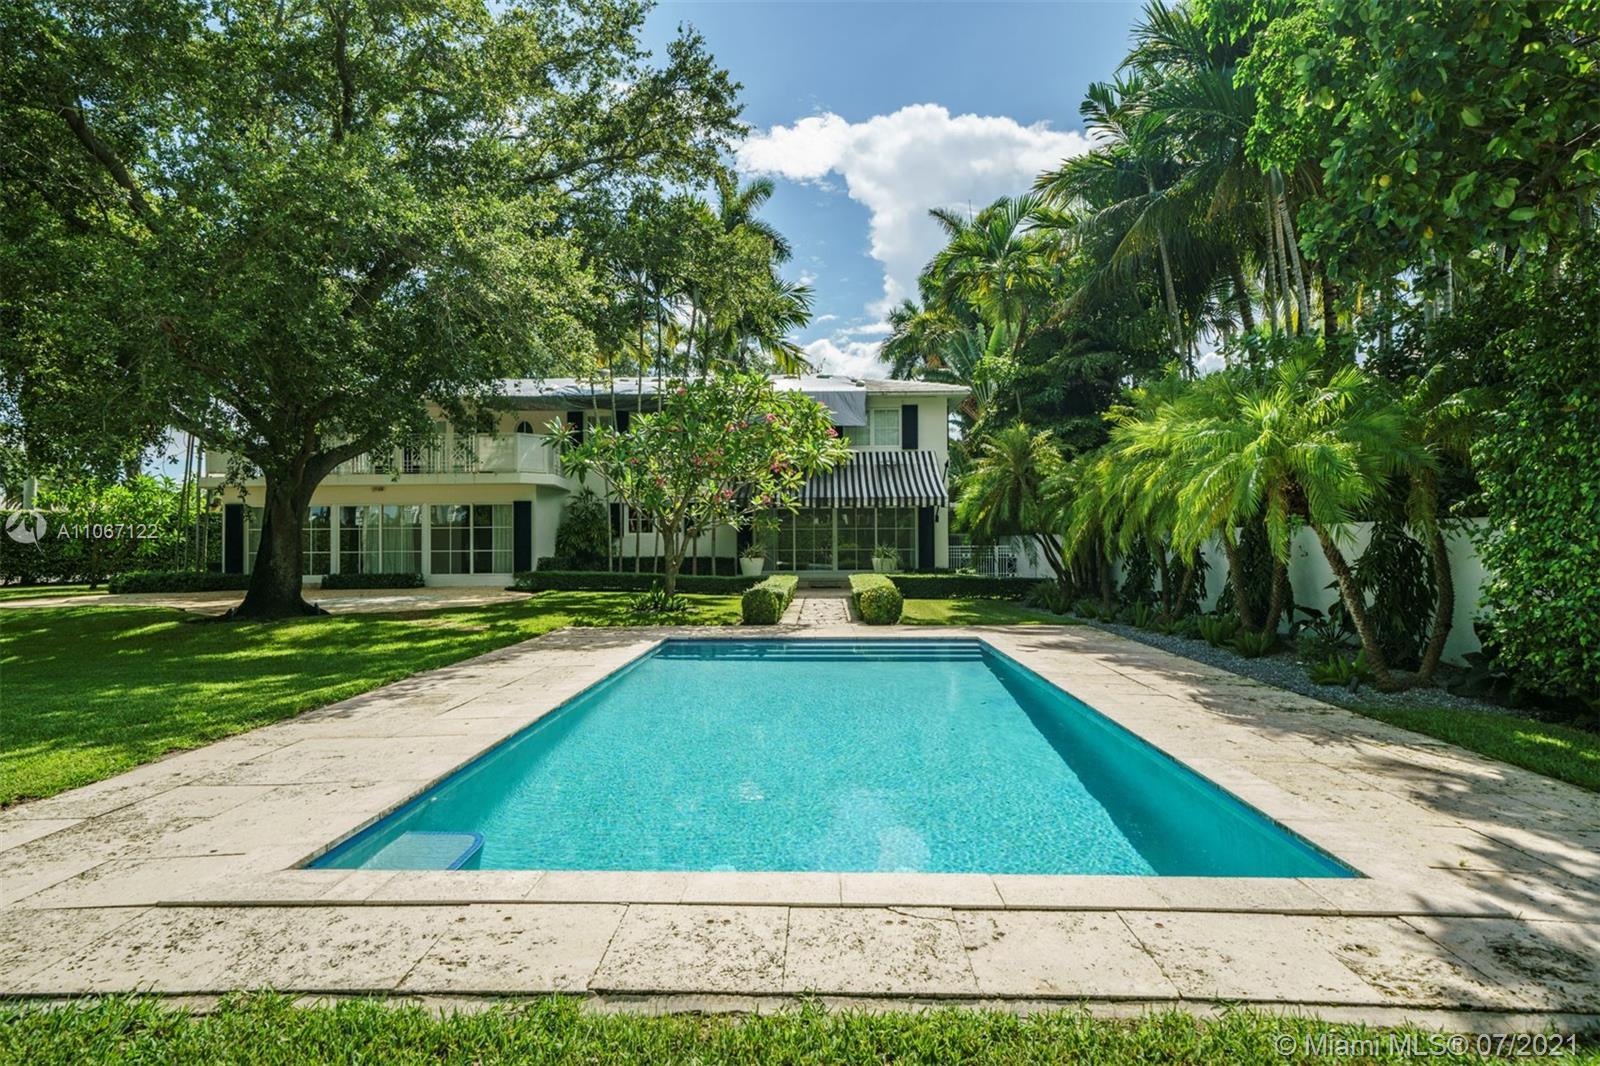 6605 Pinetree Ln, Miami Beach, Florida 33141